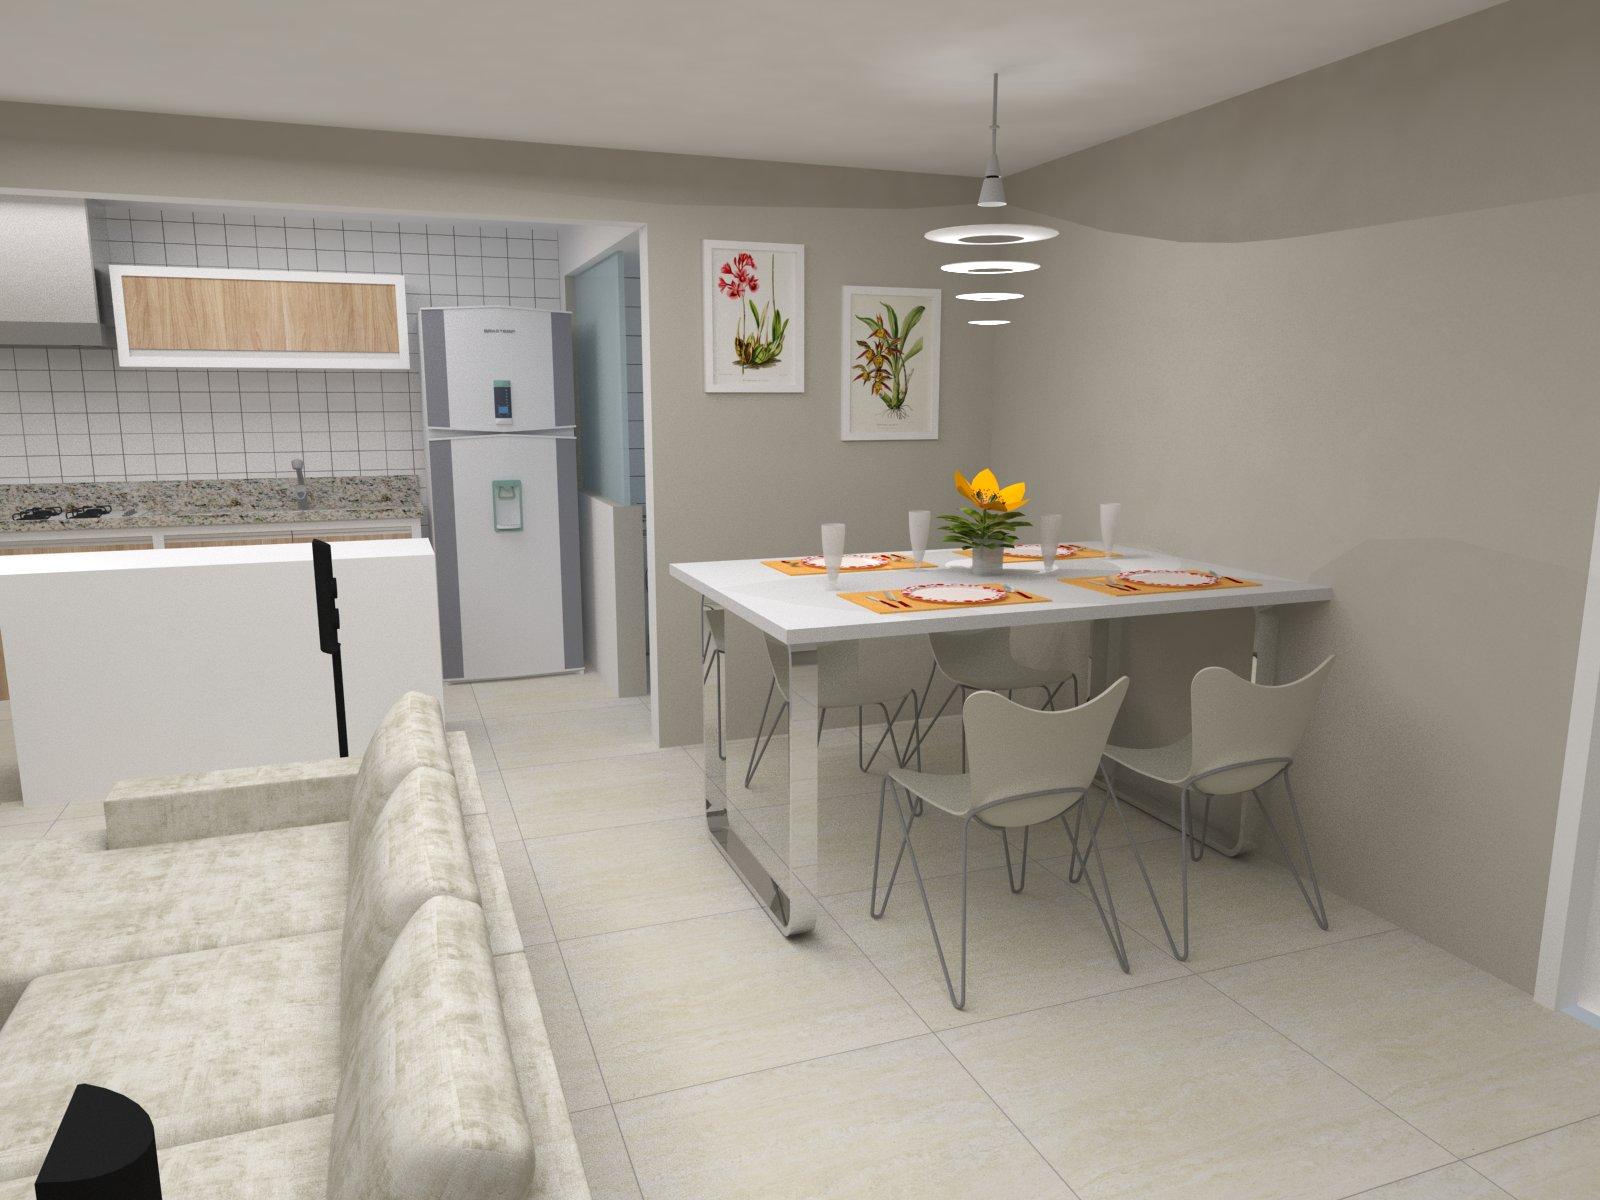 Cristine Berger Design de Interiores: Cozinha e Sala integradas #C79304 1600 1200